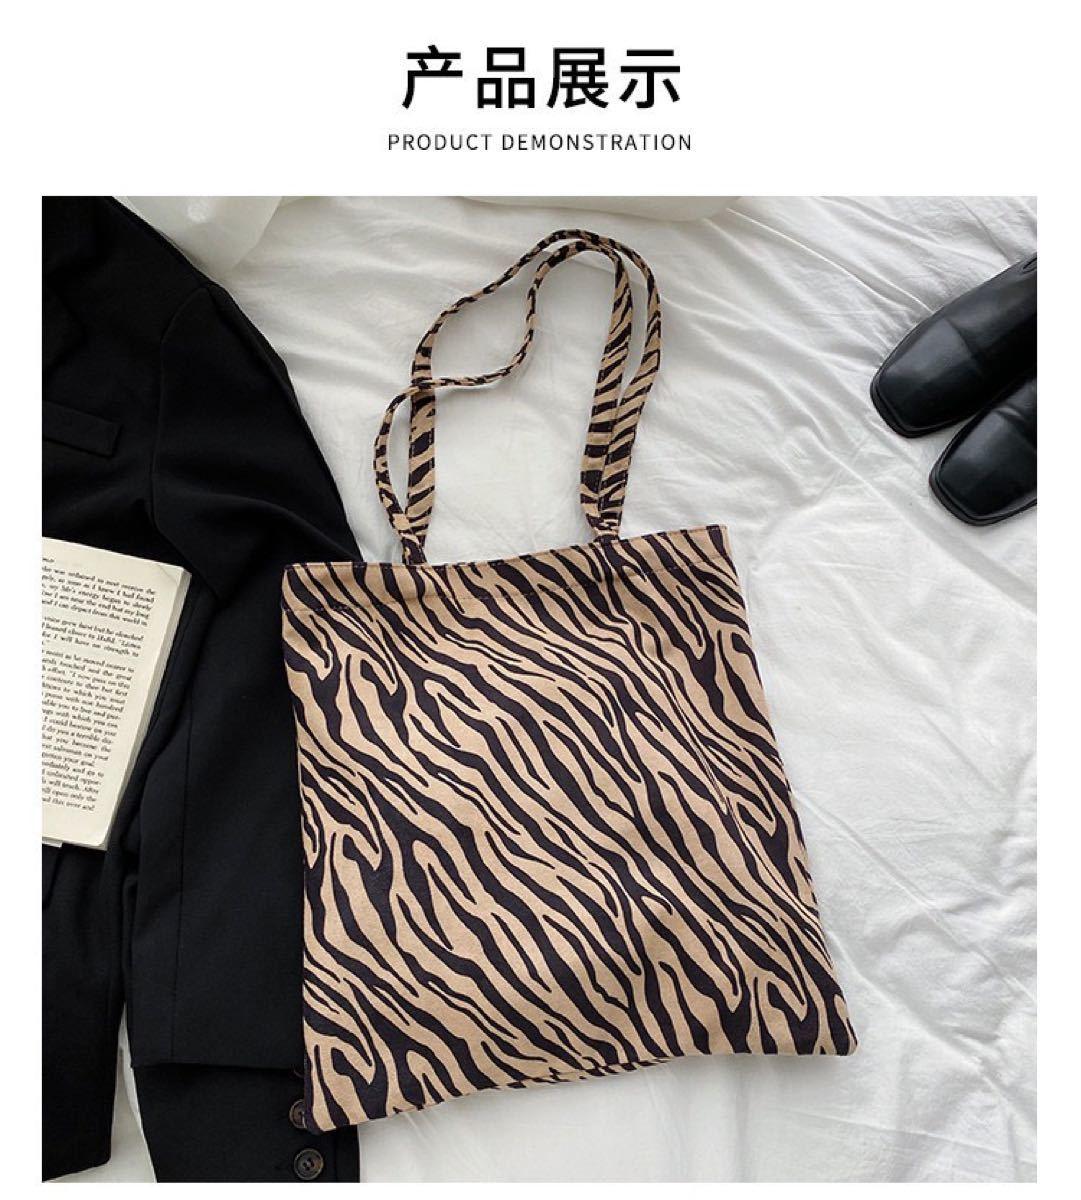 トートバッグ 大容量 ショルダーバッグ エコバッグ 【新作】韓国  ゼブラ柄 バッグ 17kg chuu GRL ベージュ